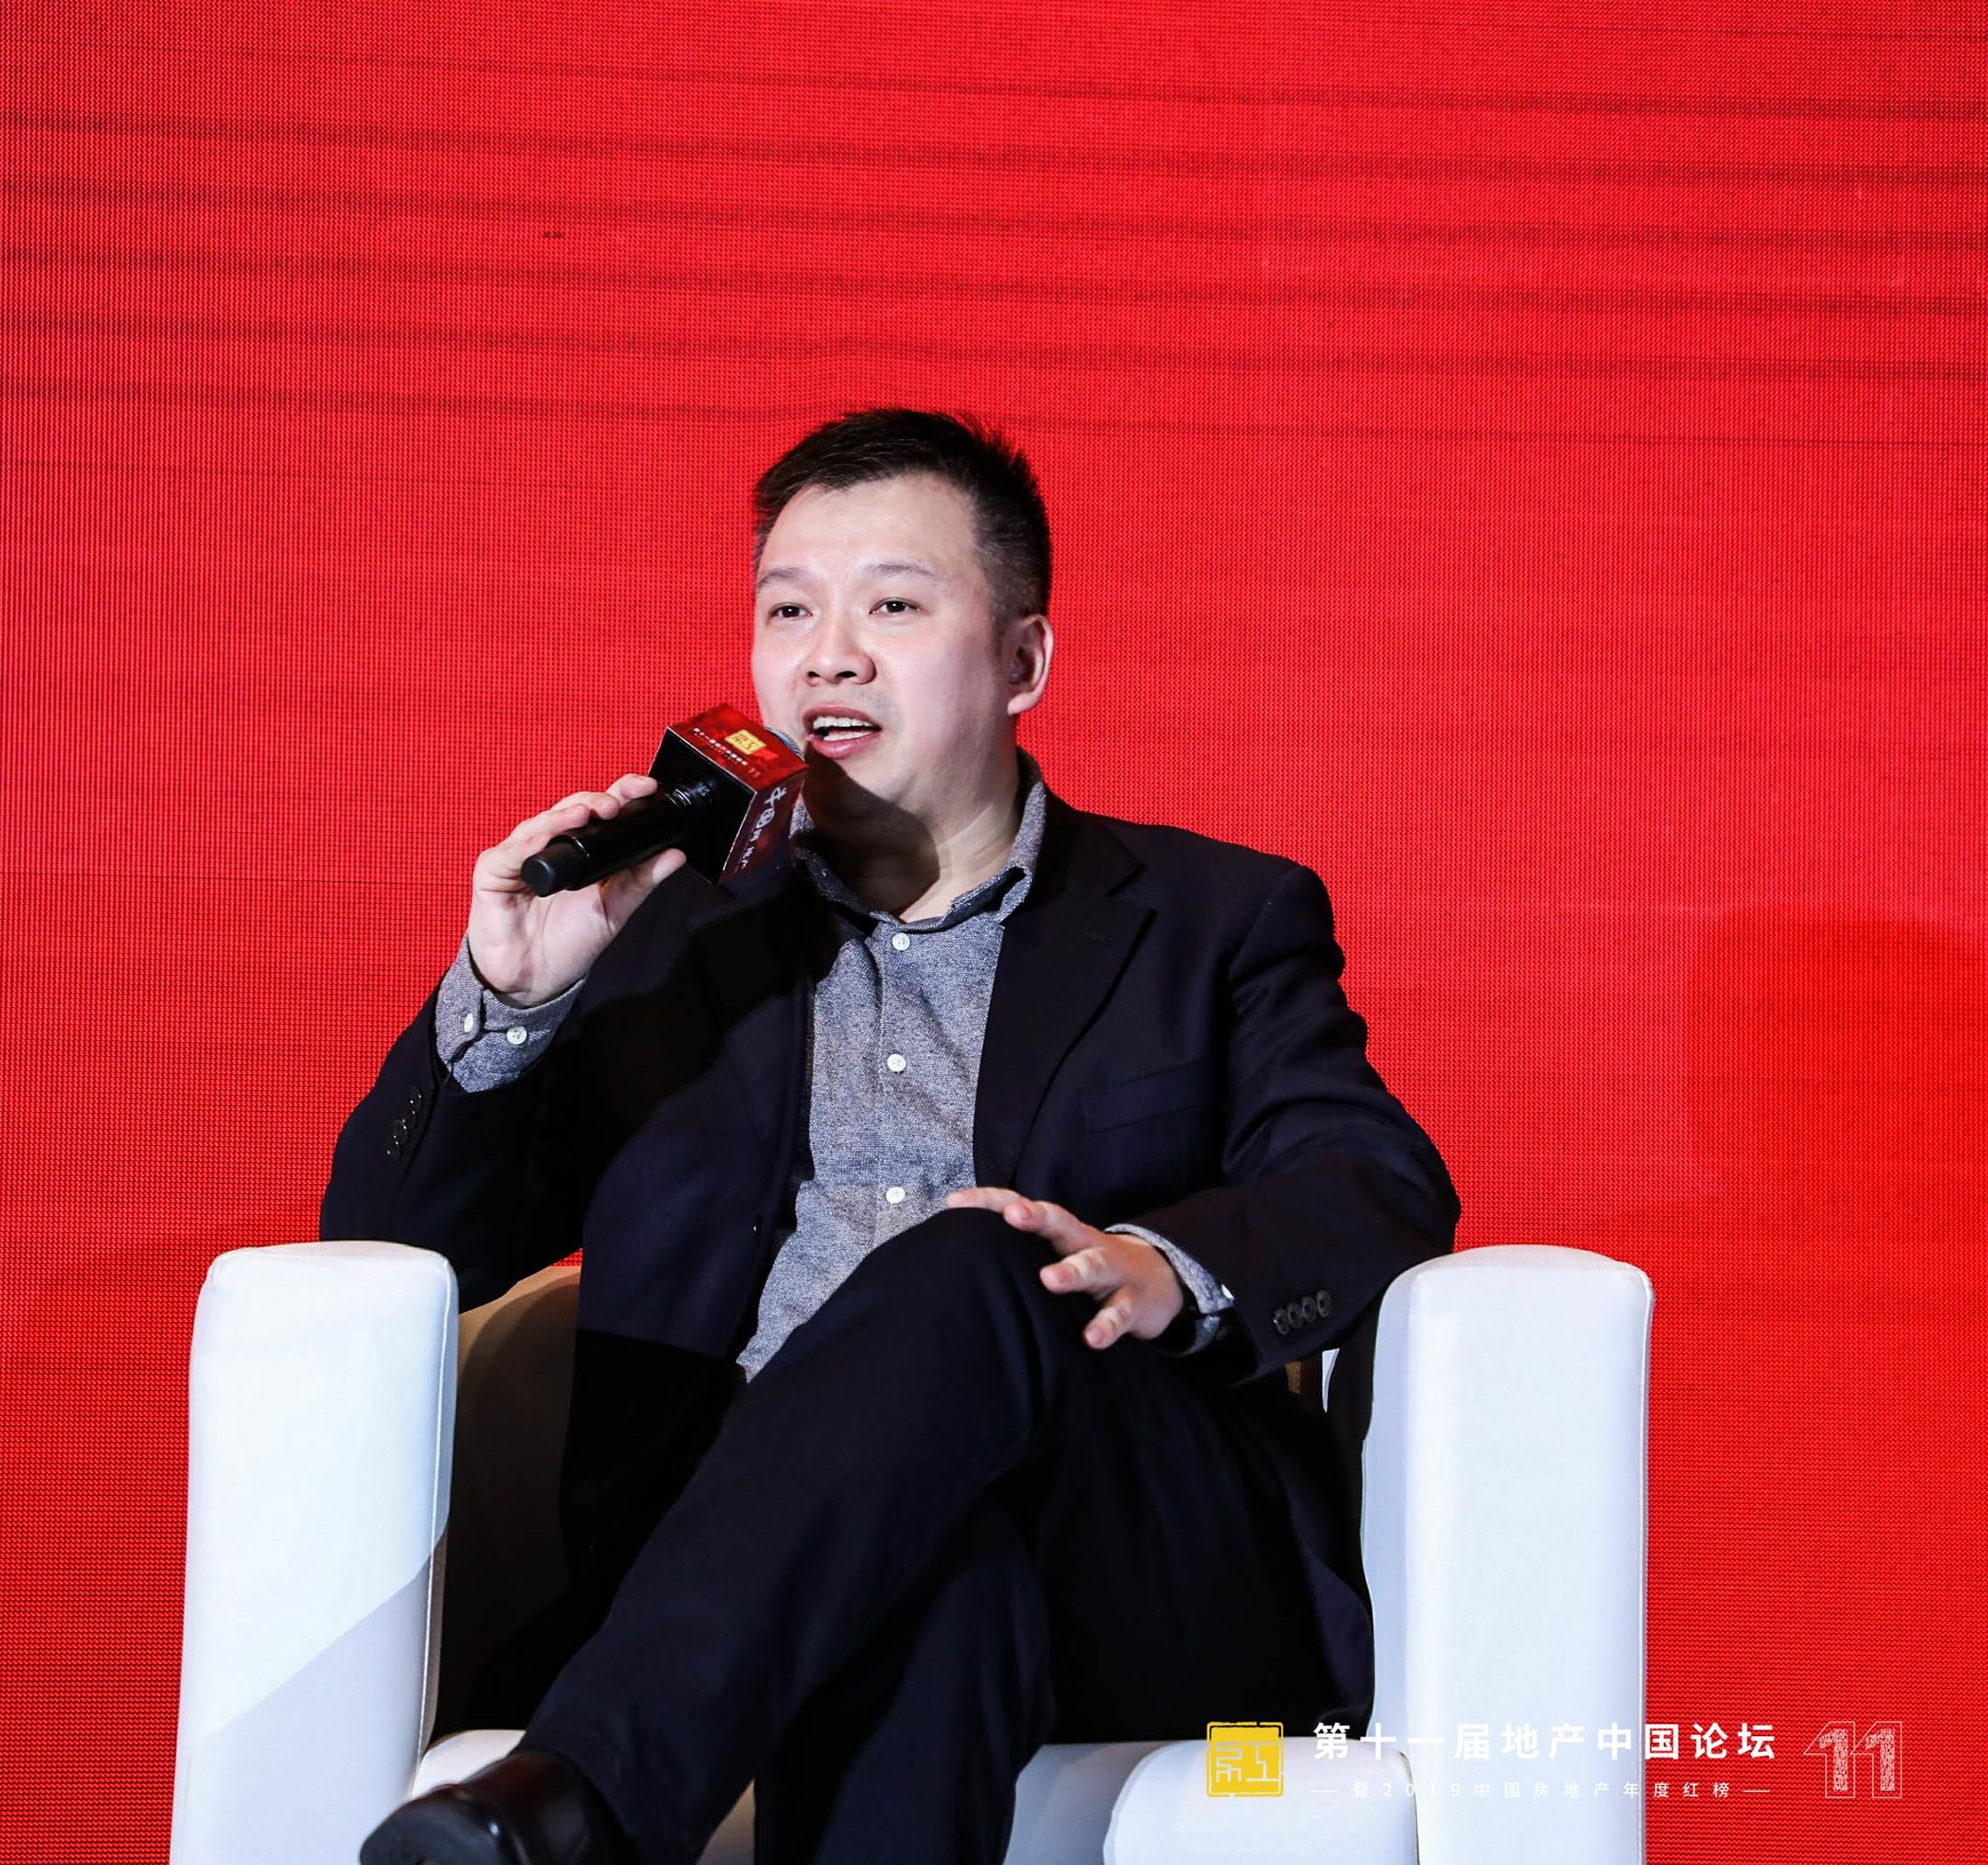 圆桌论坛   姚科:房企多元化离不开三个方面支撑-中国网地产